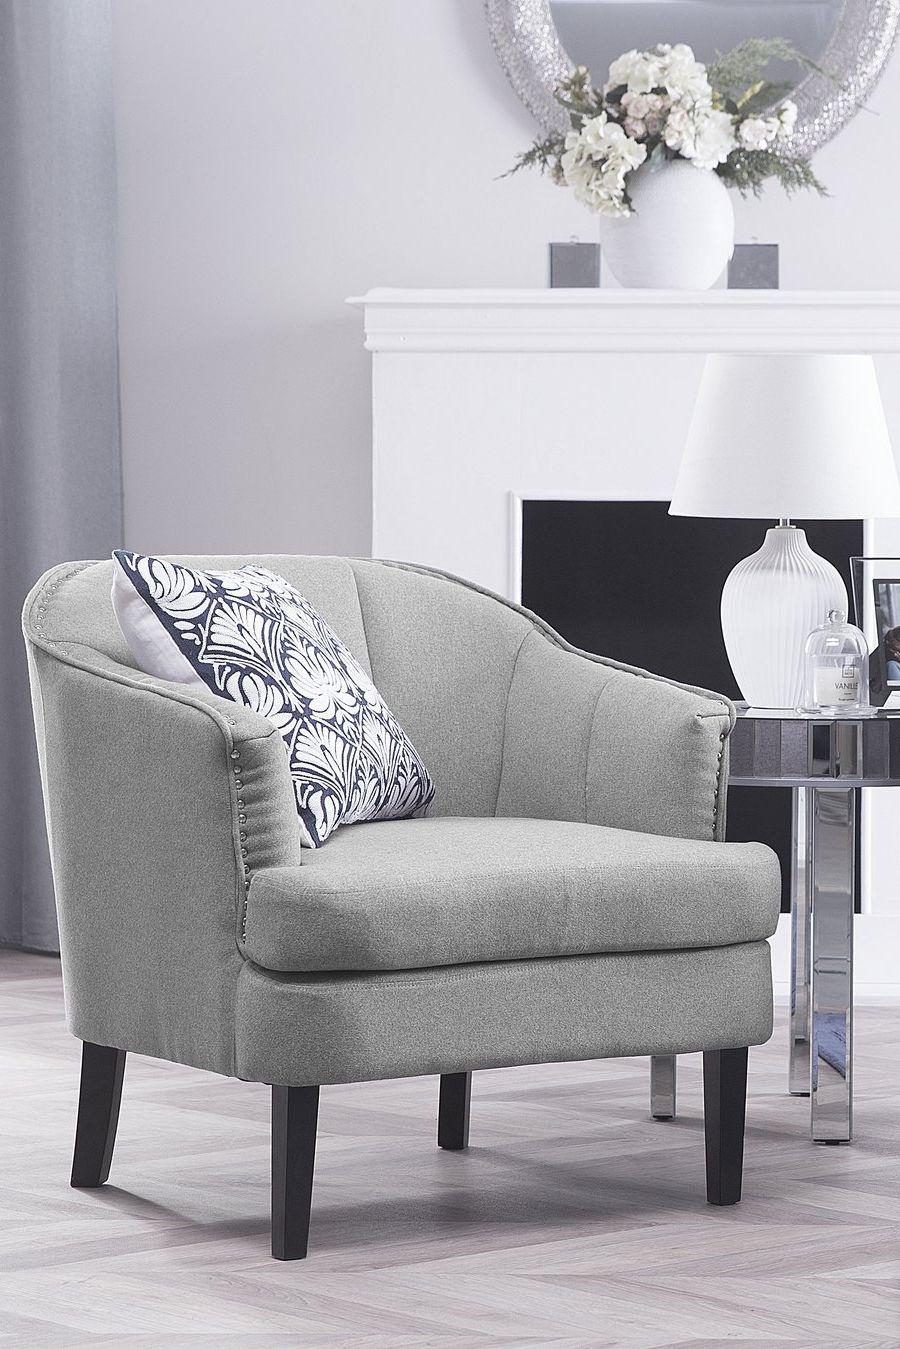 Fotel Tapicerowany Szary Krzesło Elverum Salon W 2019